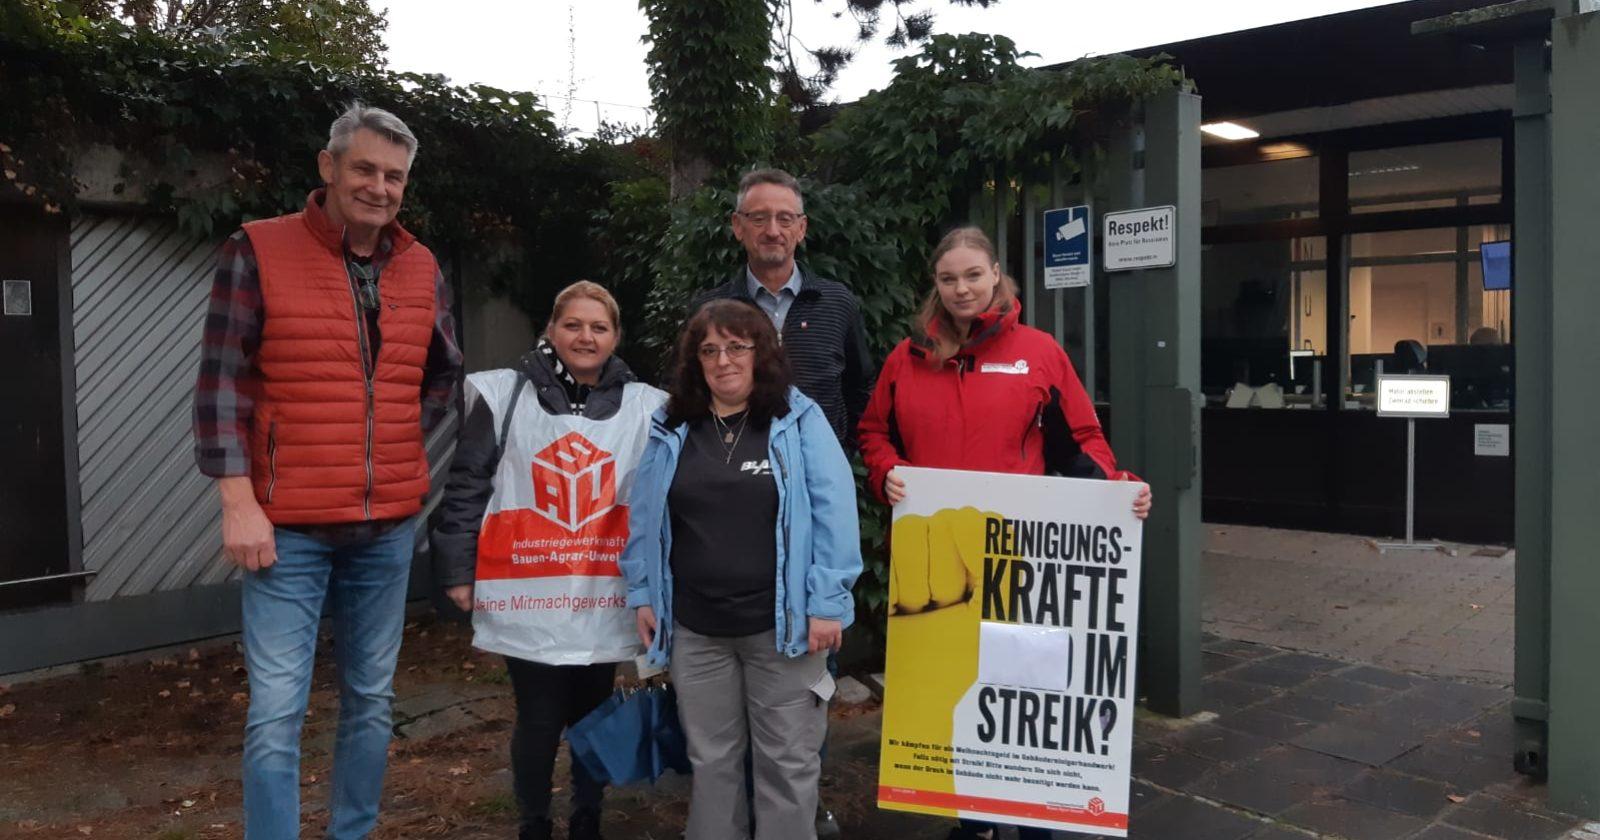 Beschäftigte der Gebäudereinigung von Blank beim Bosch in Nürnberg streiken für bessere Rahmenbedingungen